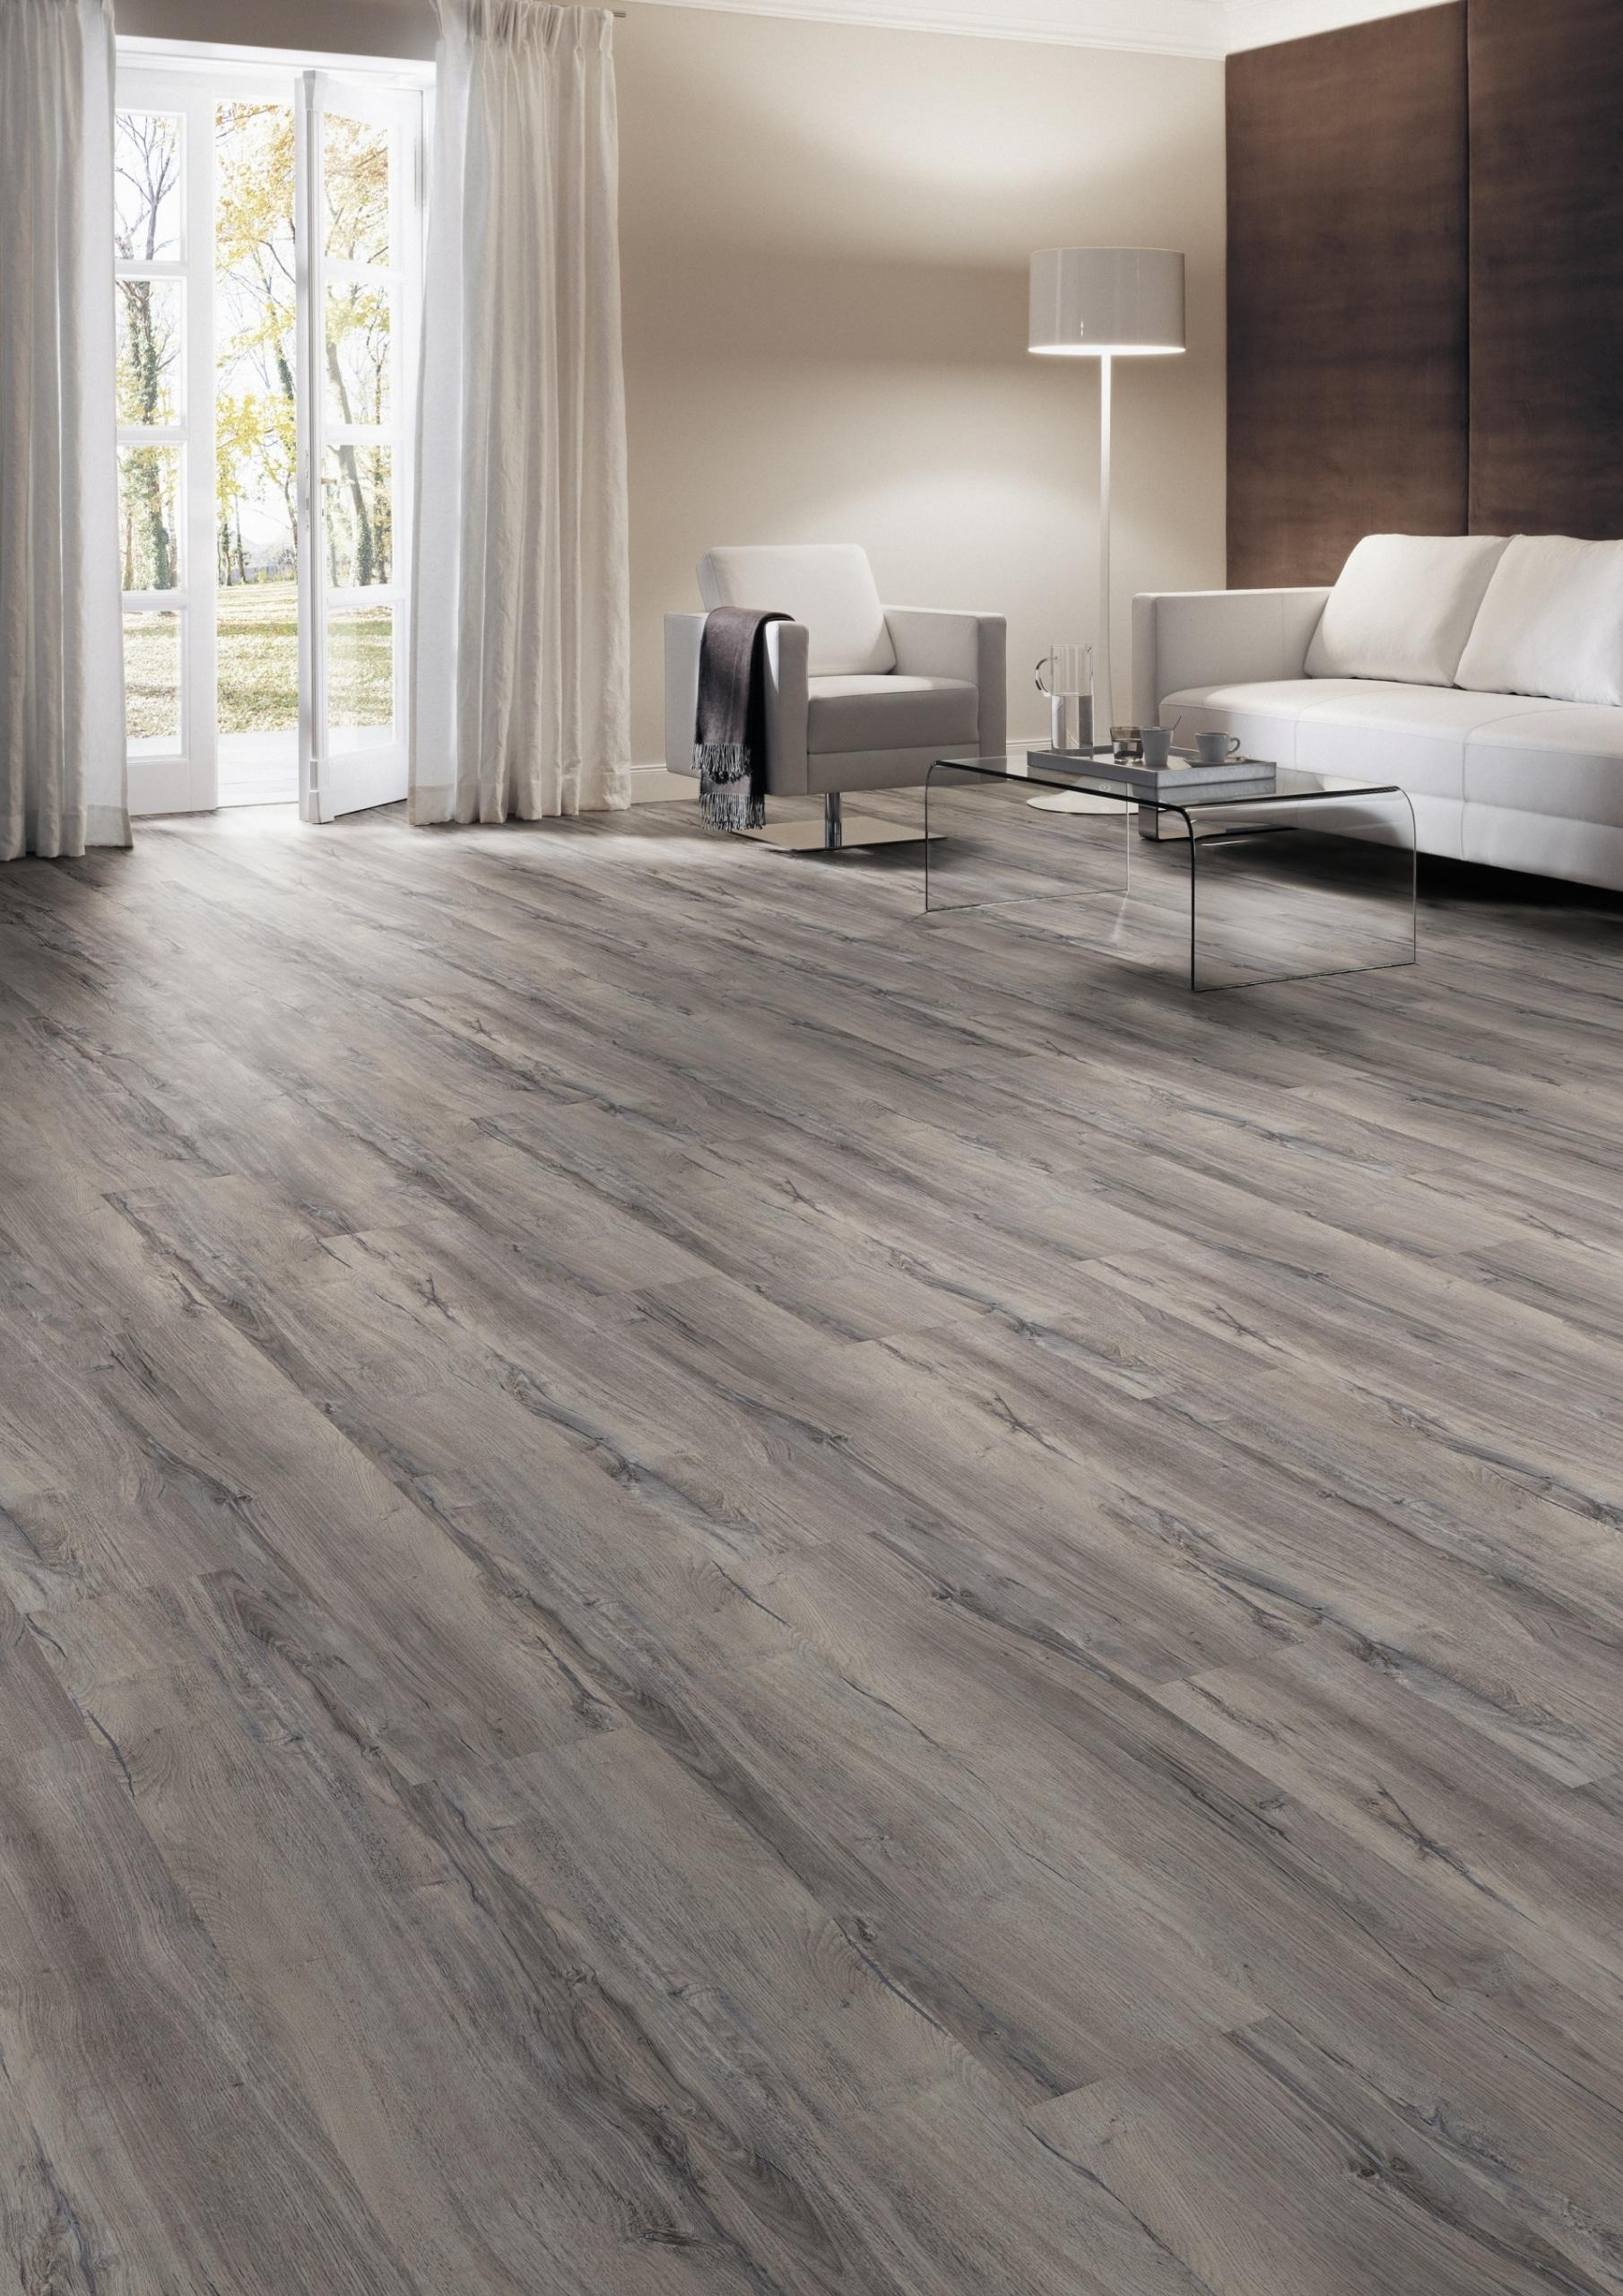 Wohnzimmer Boden aus Eiche Farbe Daytona Sor